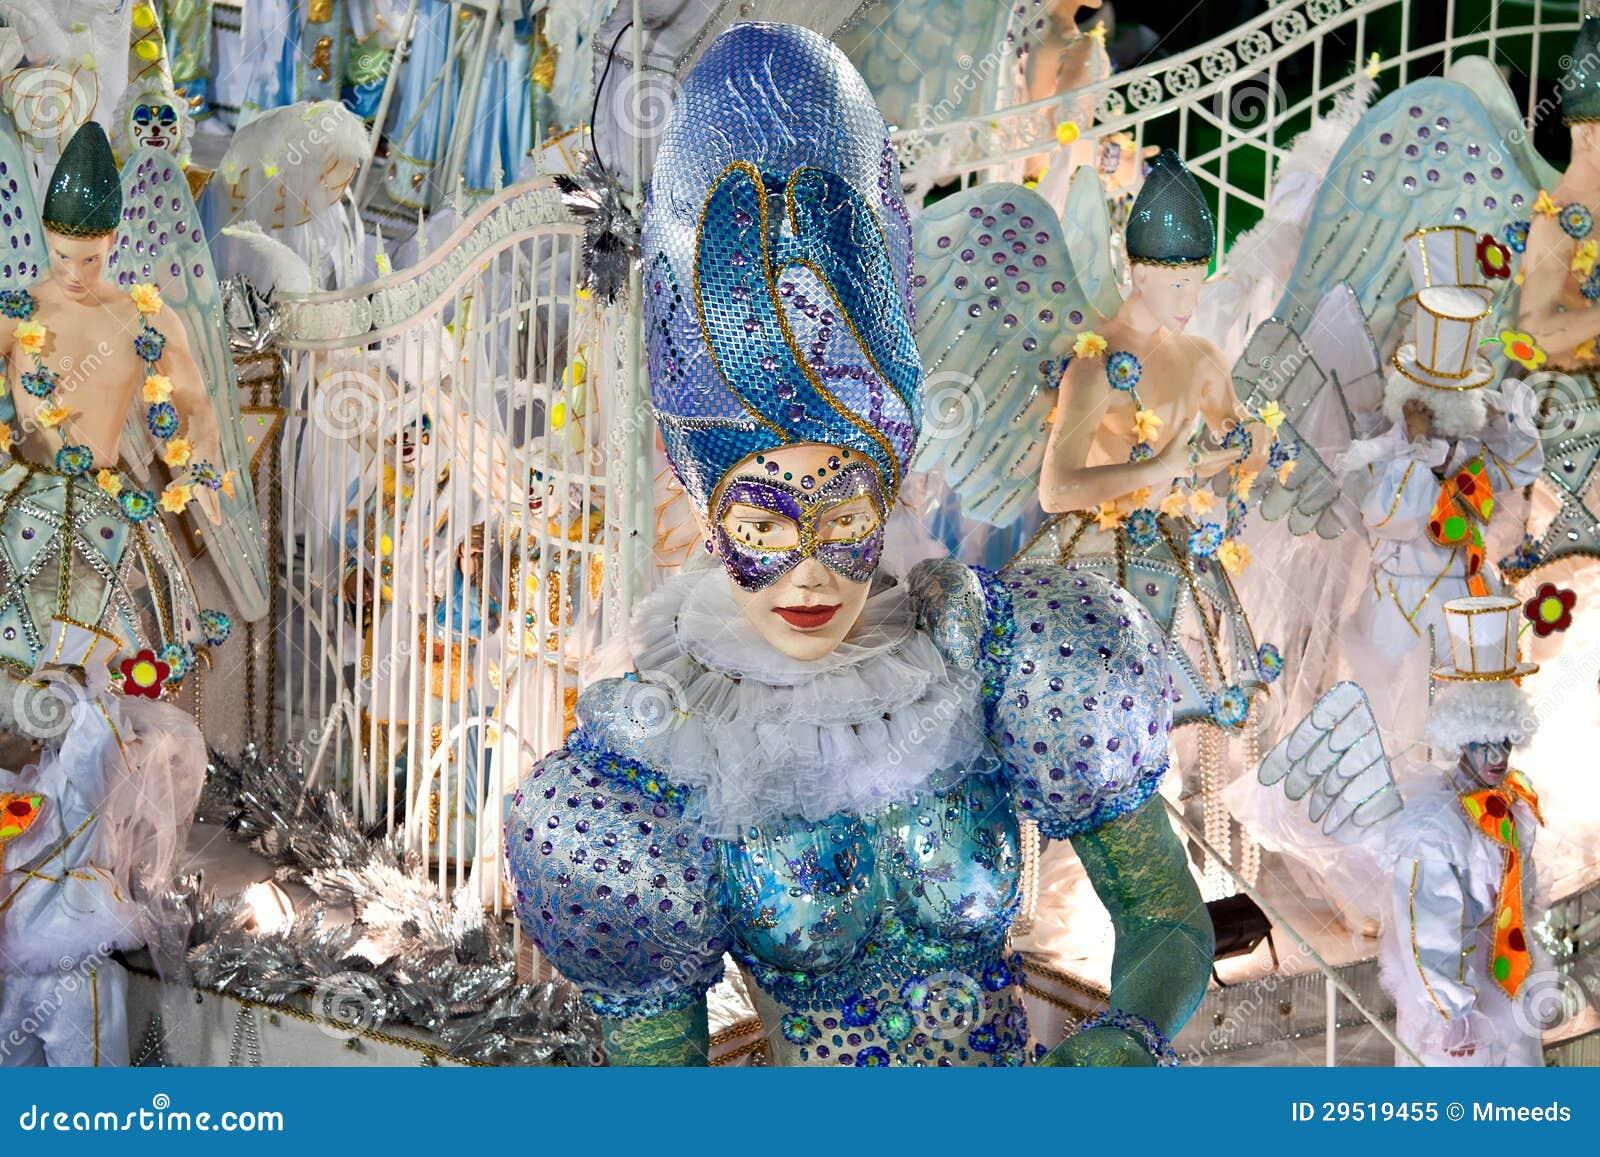 ΡΊΟ ΝΤΕ ΤΖΑΝΈΙΡΟ - ΣΤΙΣ 10 ΦΕΒΡΟΥΑΡΊΟΥ: Εμφανίστε με τις διακοσμήσεις σε καρναβάλι